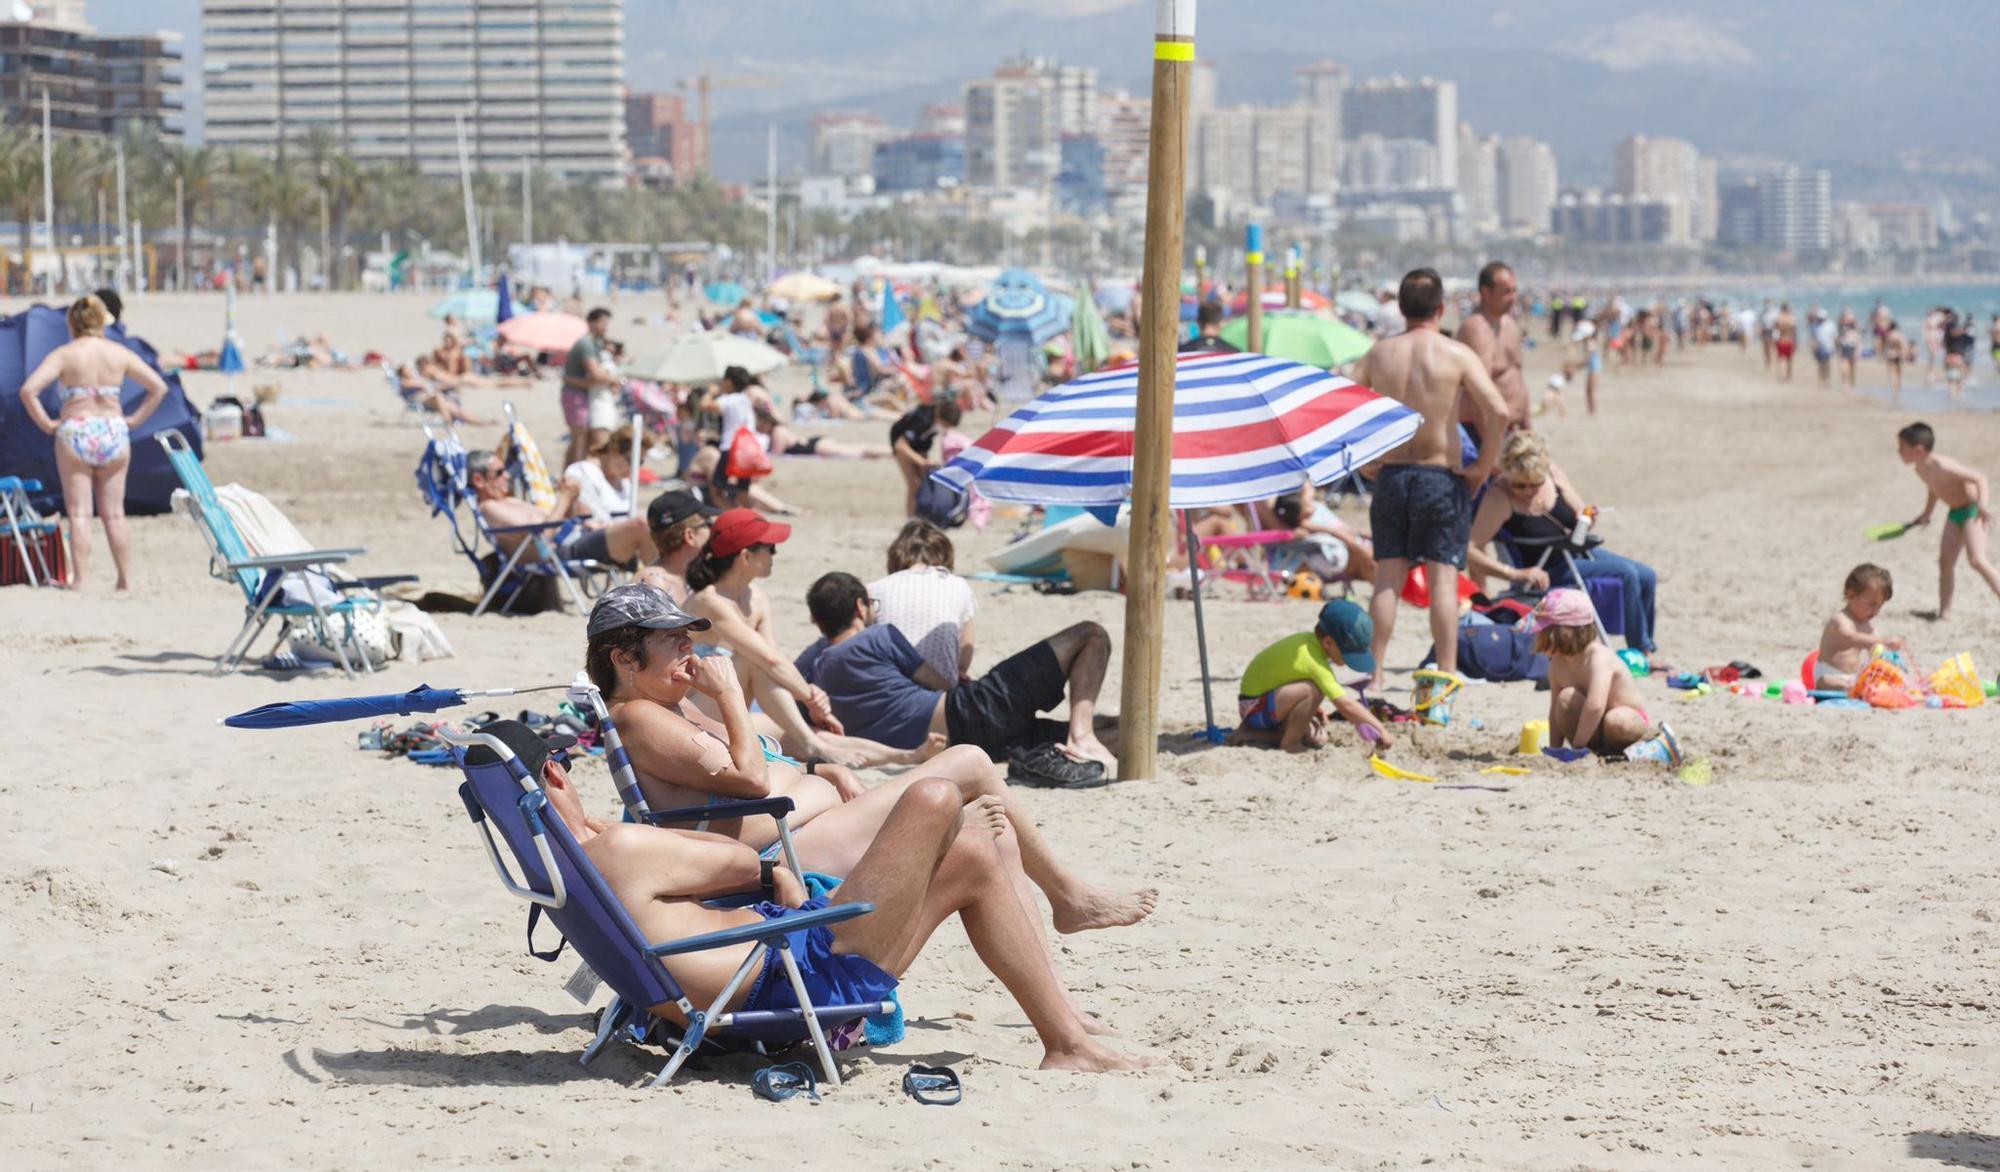 Imágenes del primer fin de semana sin cierre perimetral en Alicante